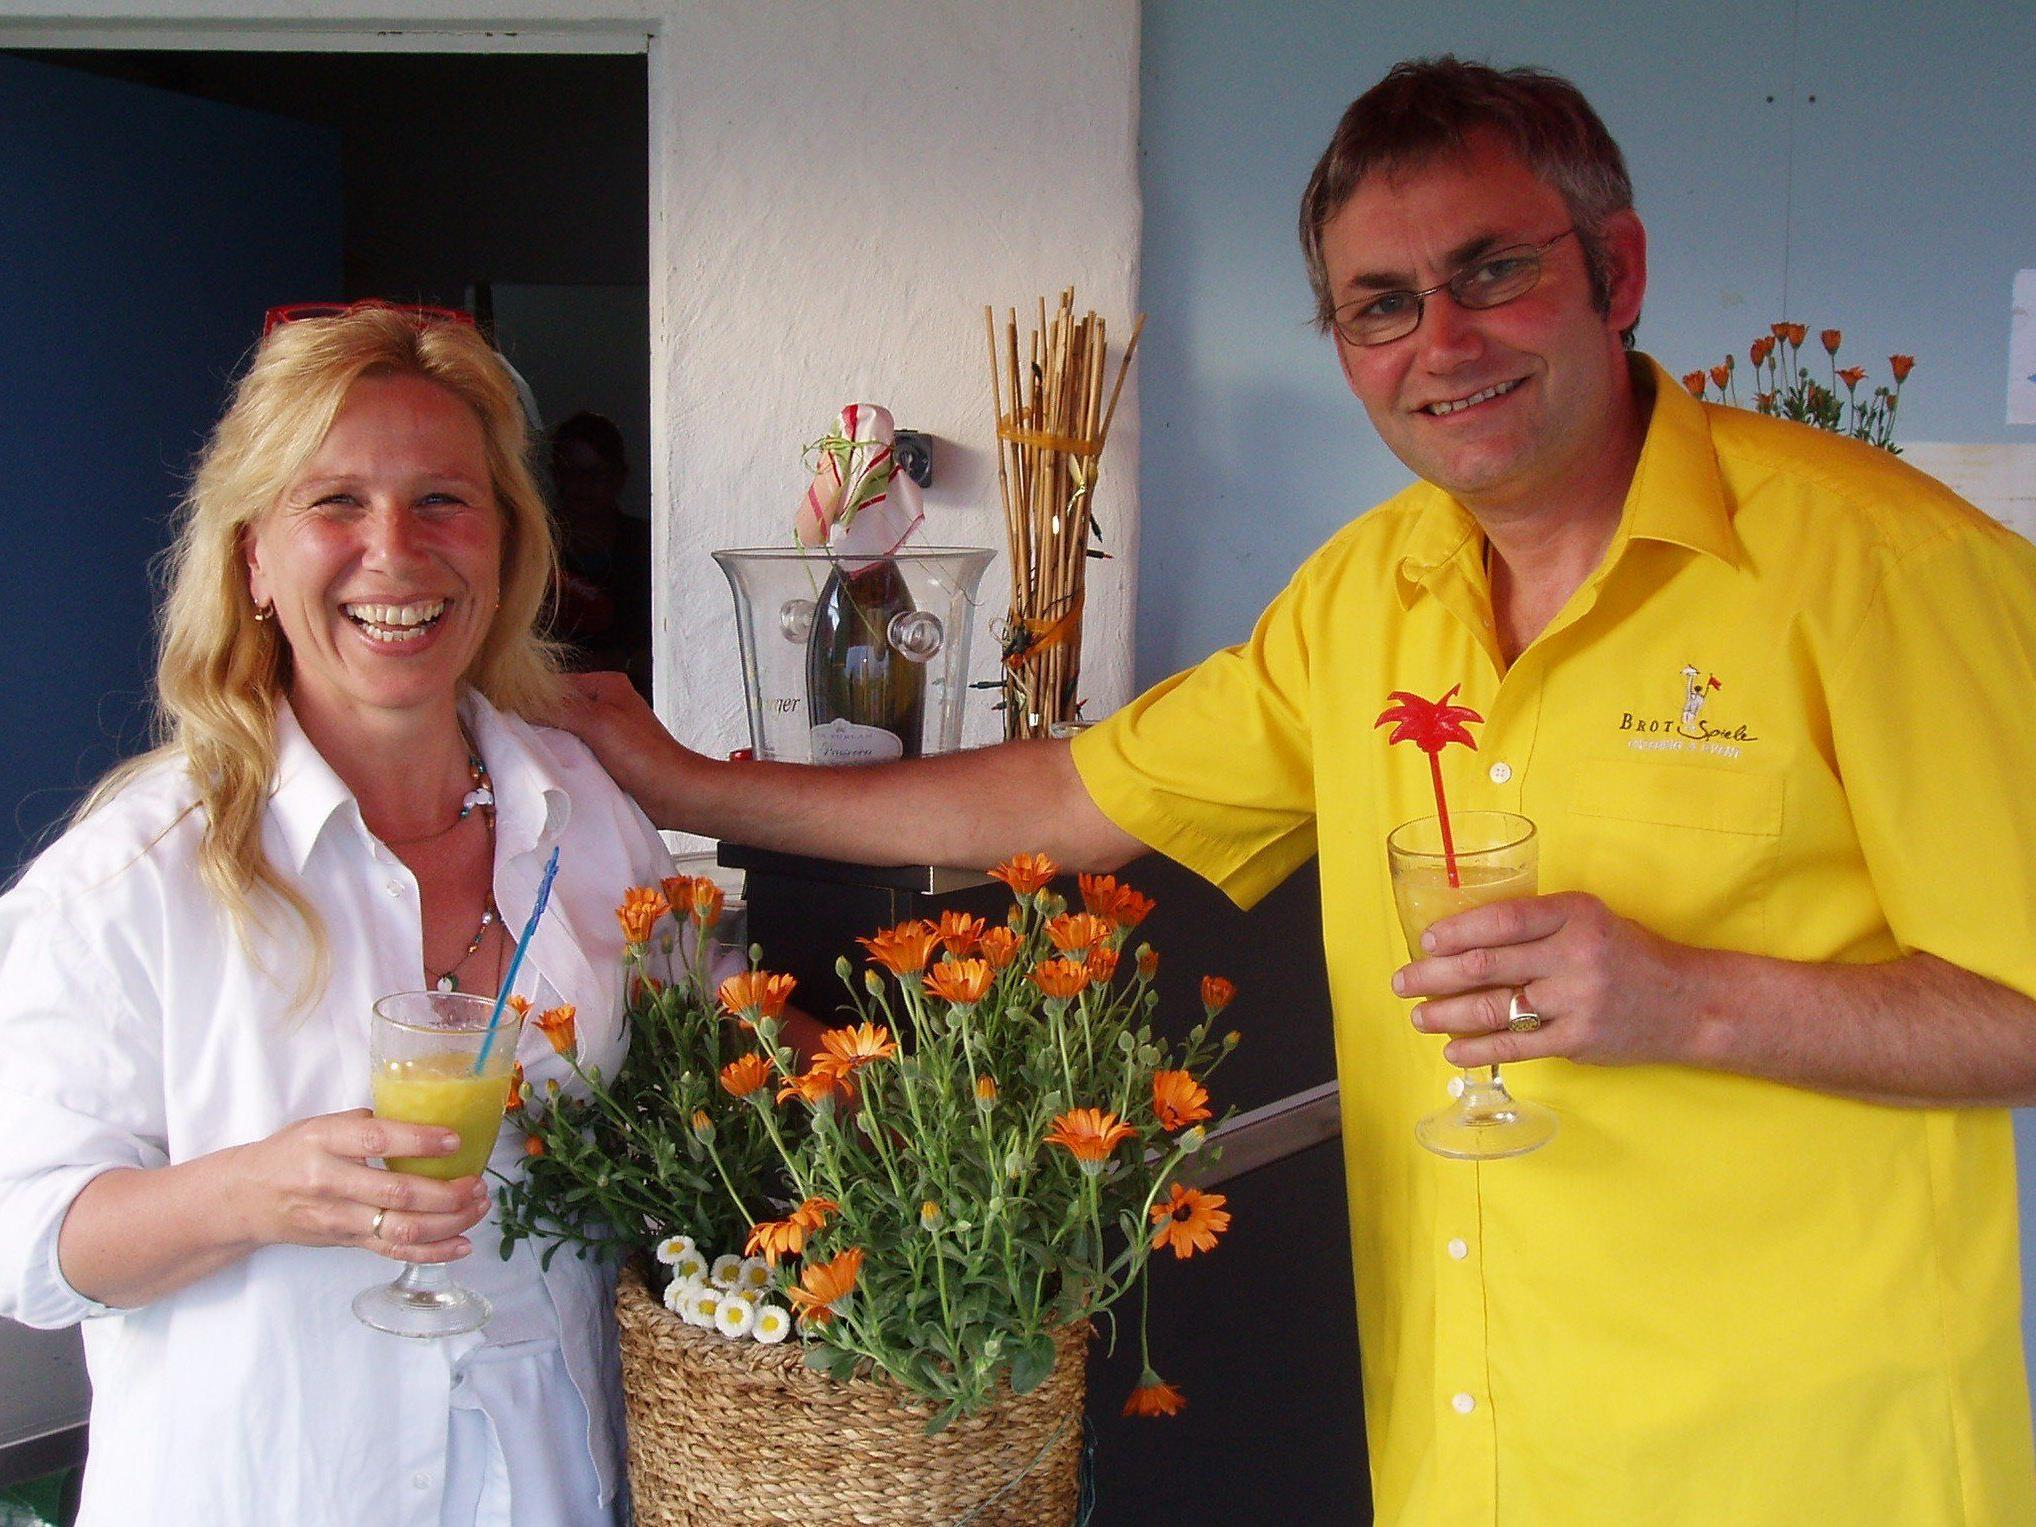 """Christine und Jürgen Hehle laden zur offiziellen Saisoneröffnung: Sommerlicher Terrassen-Genuss im """"Treff am See"""" beim Lochauer Strandbad."""